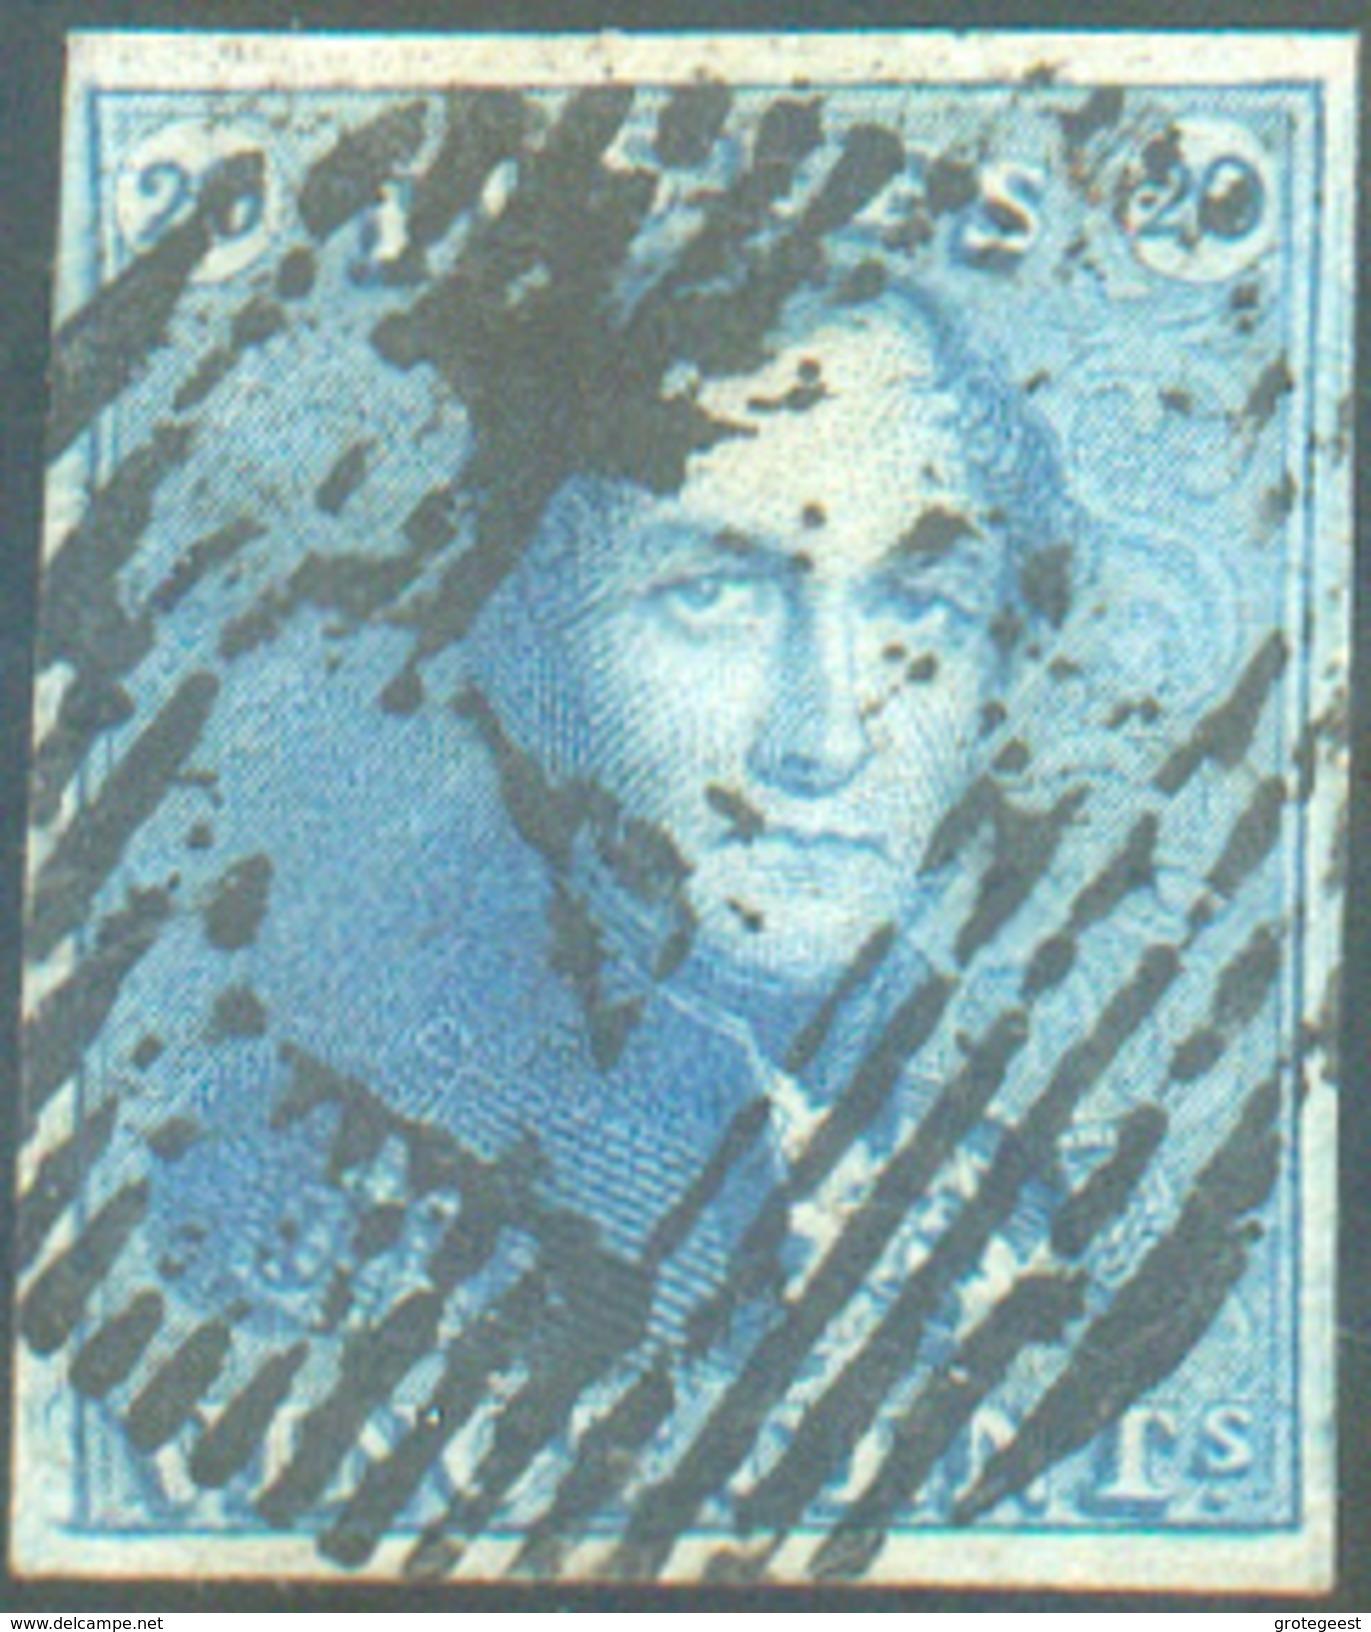 N°2 - Epaulette 20 Centimes Bleue, Très Bien Margée, Obl. P.4 ANVERS Centrale - 11675 - 1849 Epaulettes